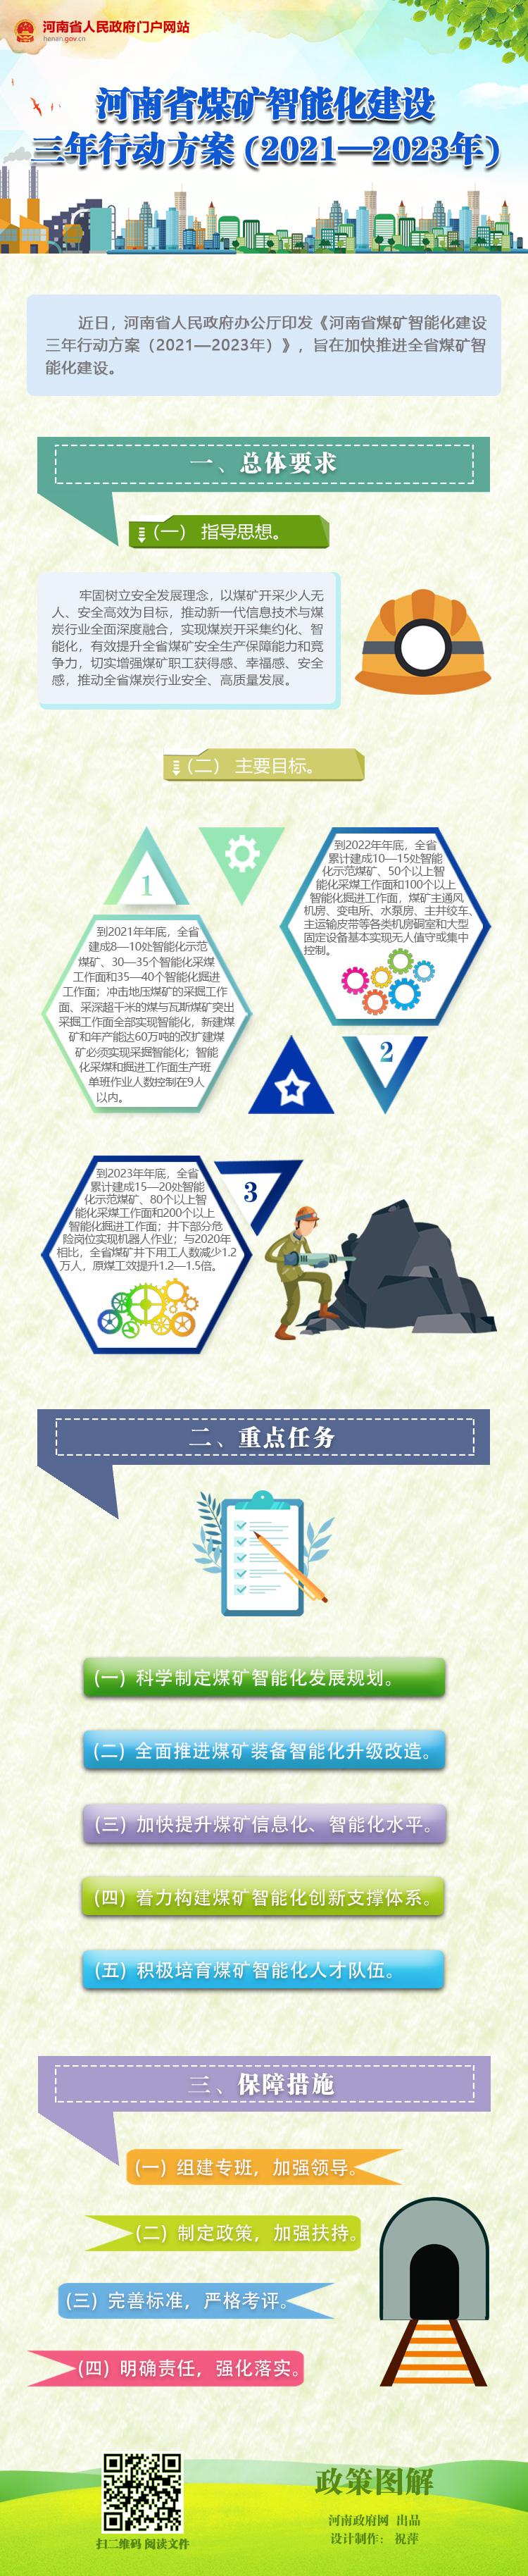 图解:河南省煤矿智能化建设三年行动方案(2021—2023年)